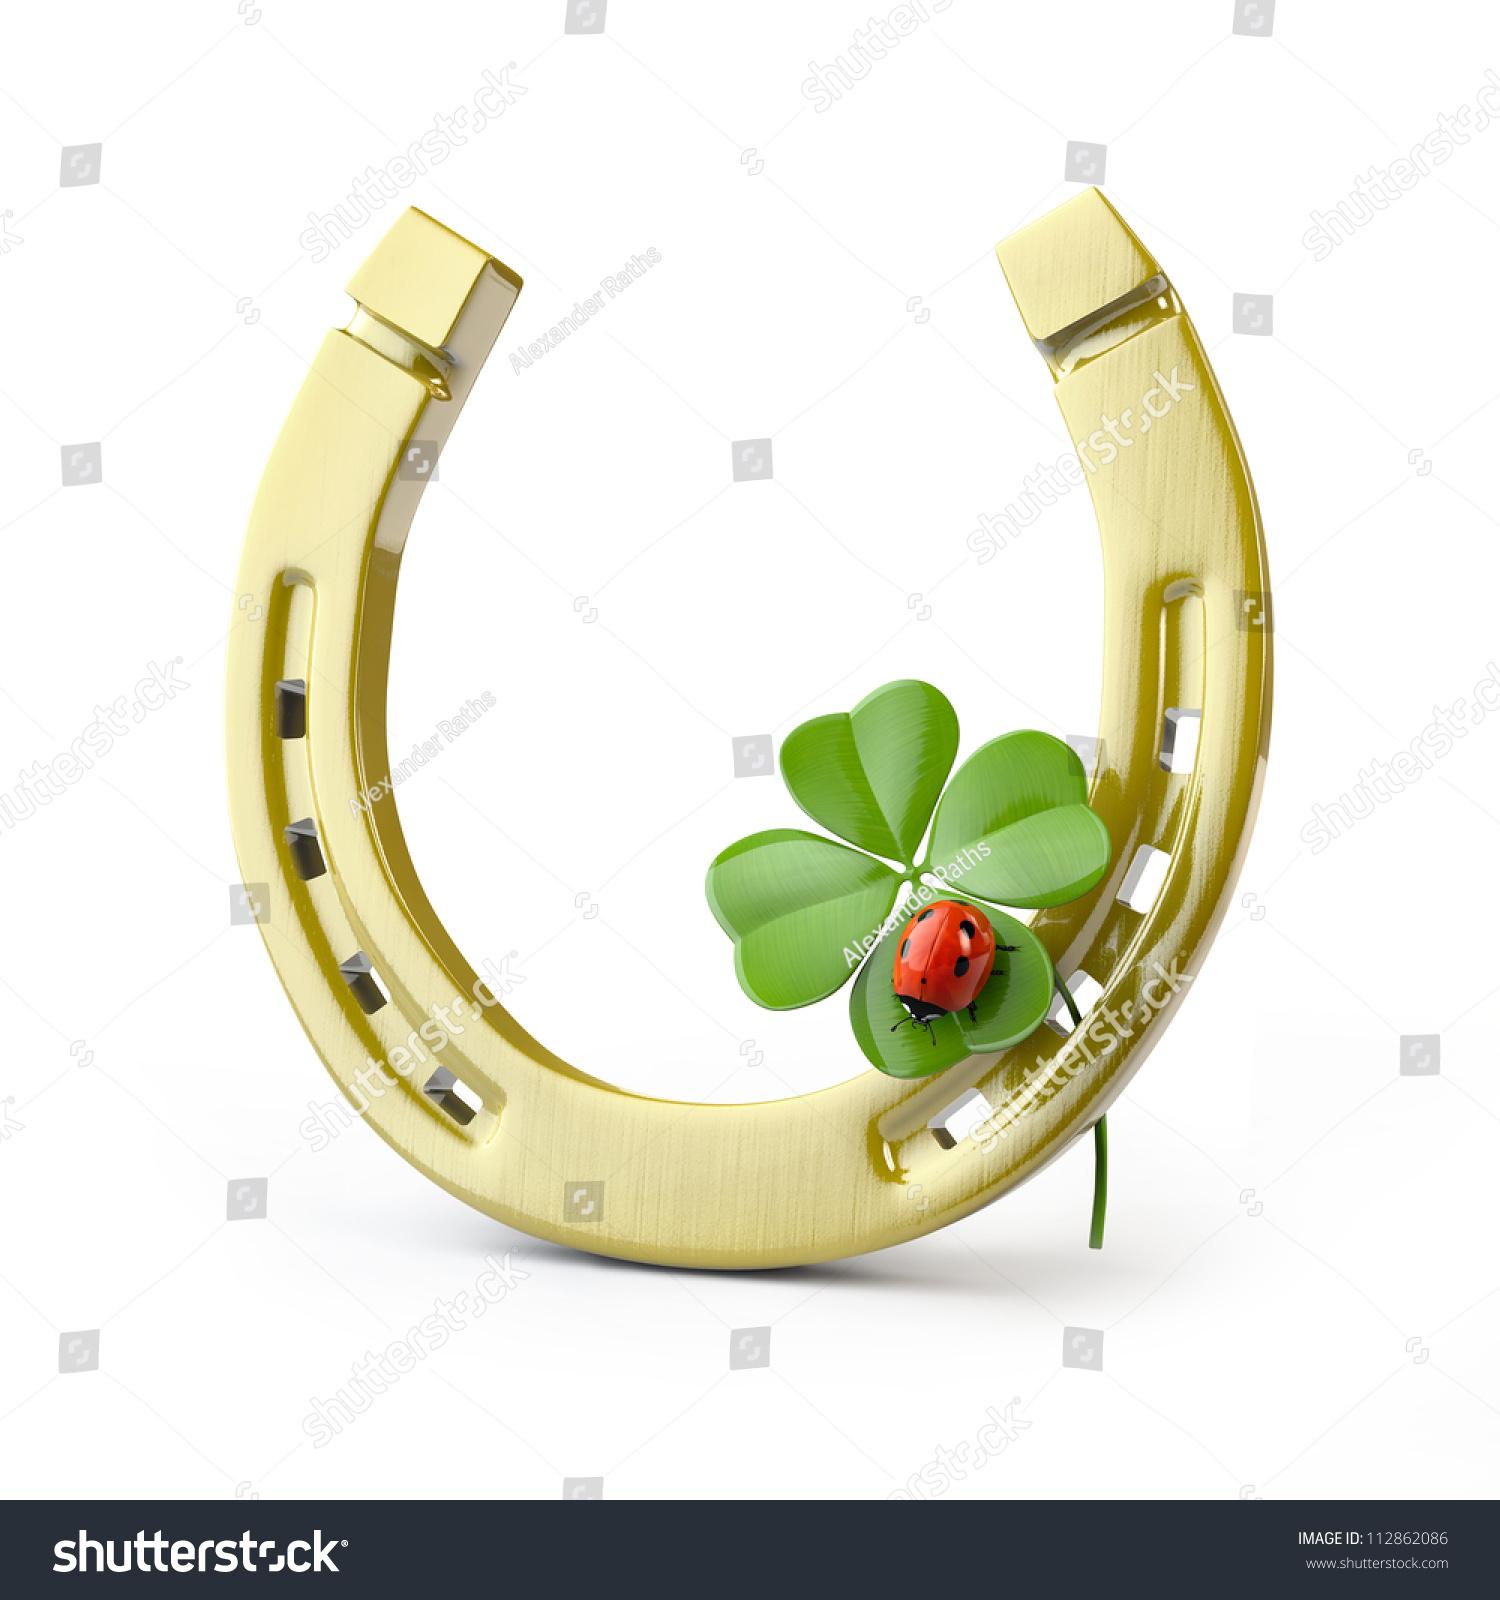 Lucky symbols horseshoe fourleaf clover ladybug stock illustration lucky symbols horse shoe four leaf clover and ladybug buycottarizona